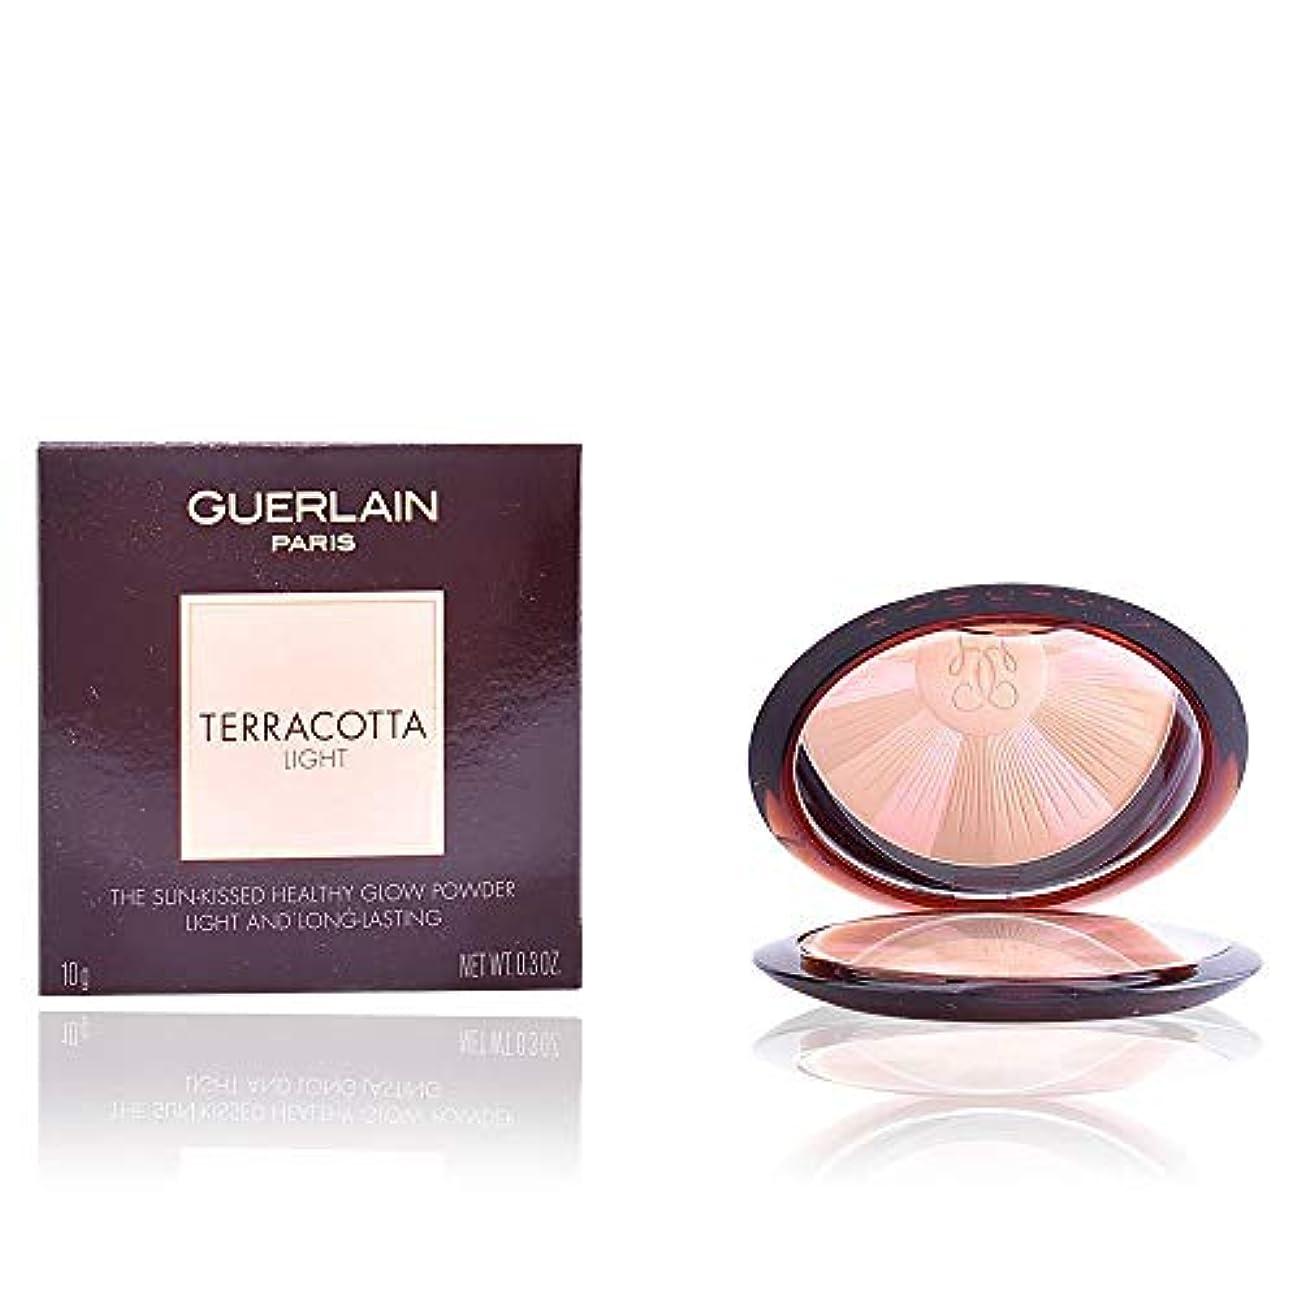 腹韻サラダゲラン Terracotta Light The Sun Kissed Healthy Glow Powder - # 05 Deep Cool 10g/0.3oz並行輸入品